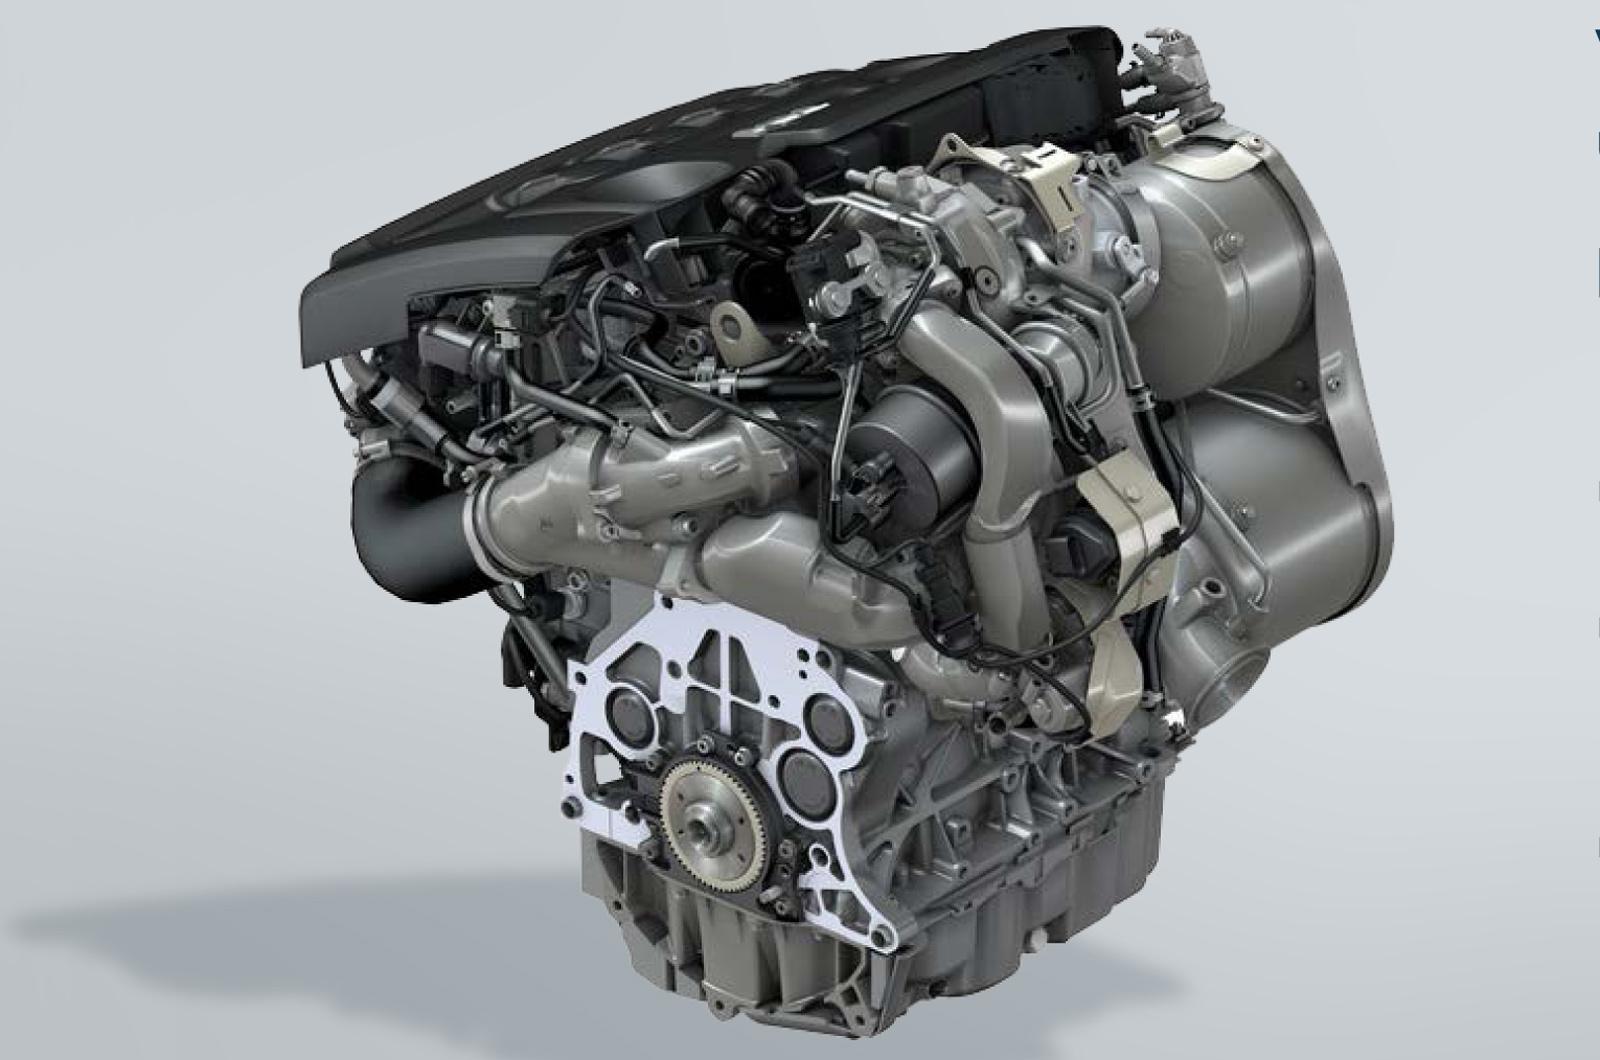 Vw Diesel Engines >> Volkswagen Unveils 272 Hp 2 Liter Diesel Engine And 10 Speed